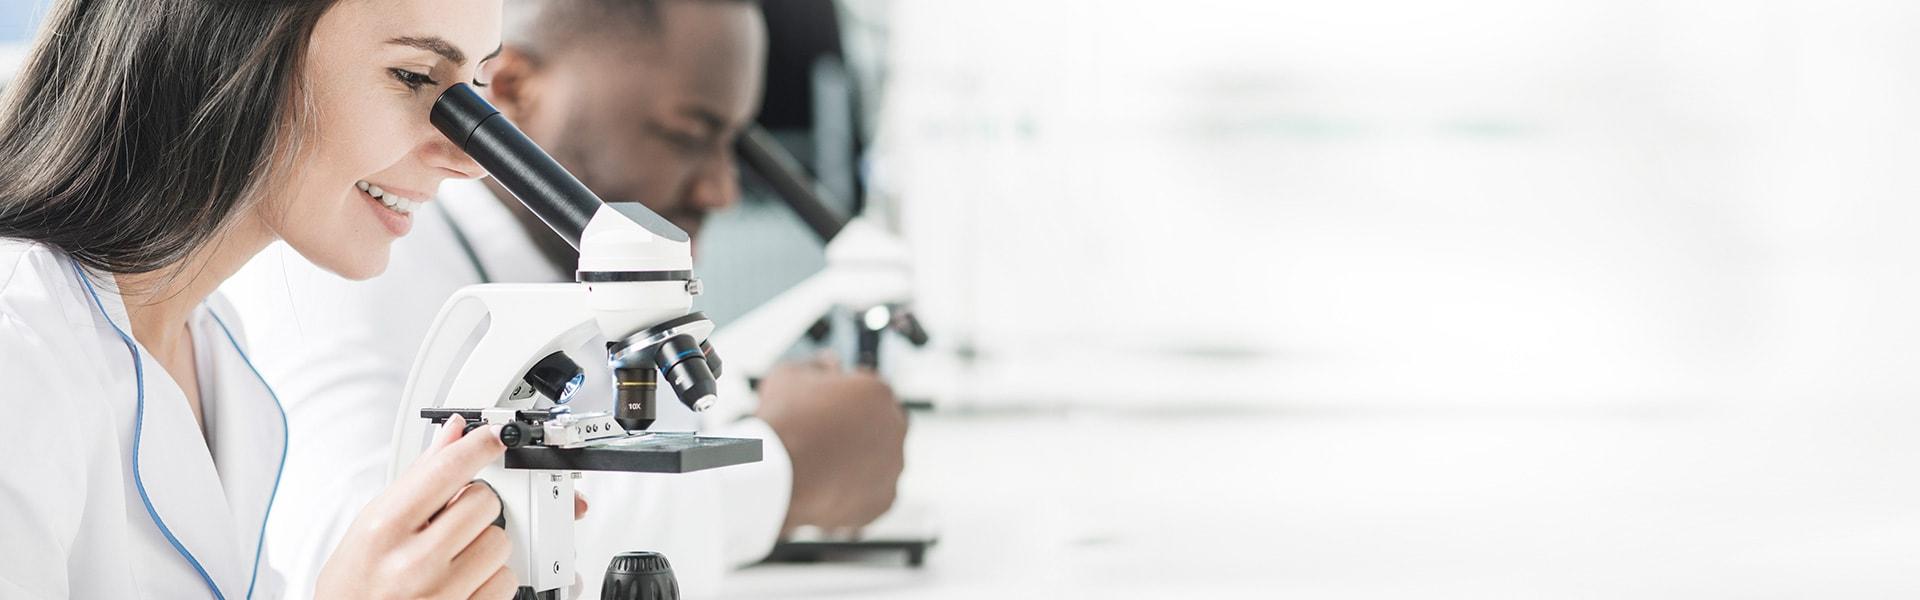 Warenwirtschaft für Medizin & Laborbedarf